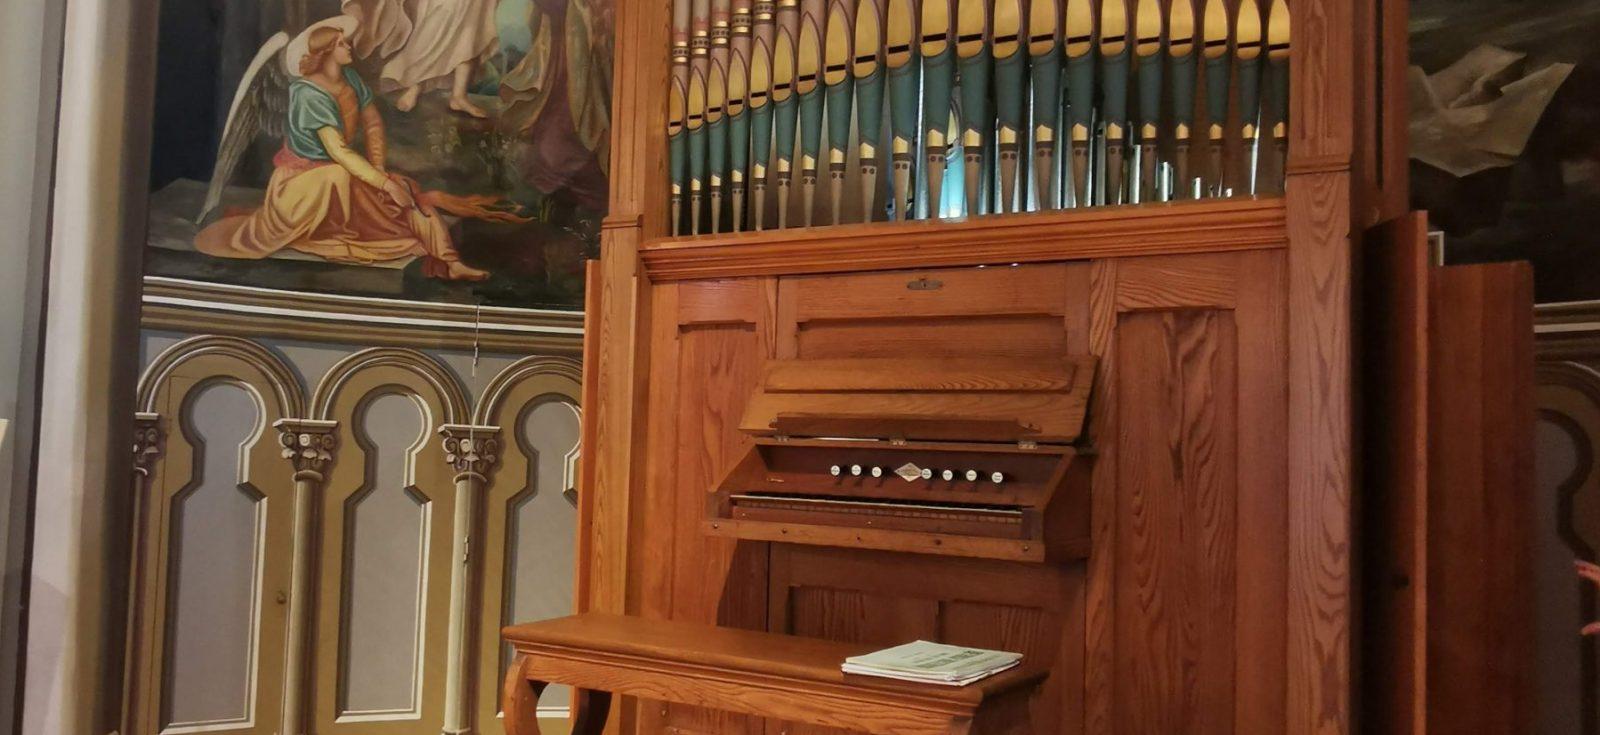 L'Opus 9 a retrouvé son lustre d'antan et occupe une place de choix dans la chapelle de la maison mère des Adoratrices du Précieux-Sang, à Saint-Hyacinthe.